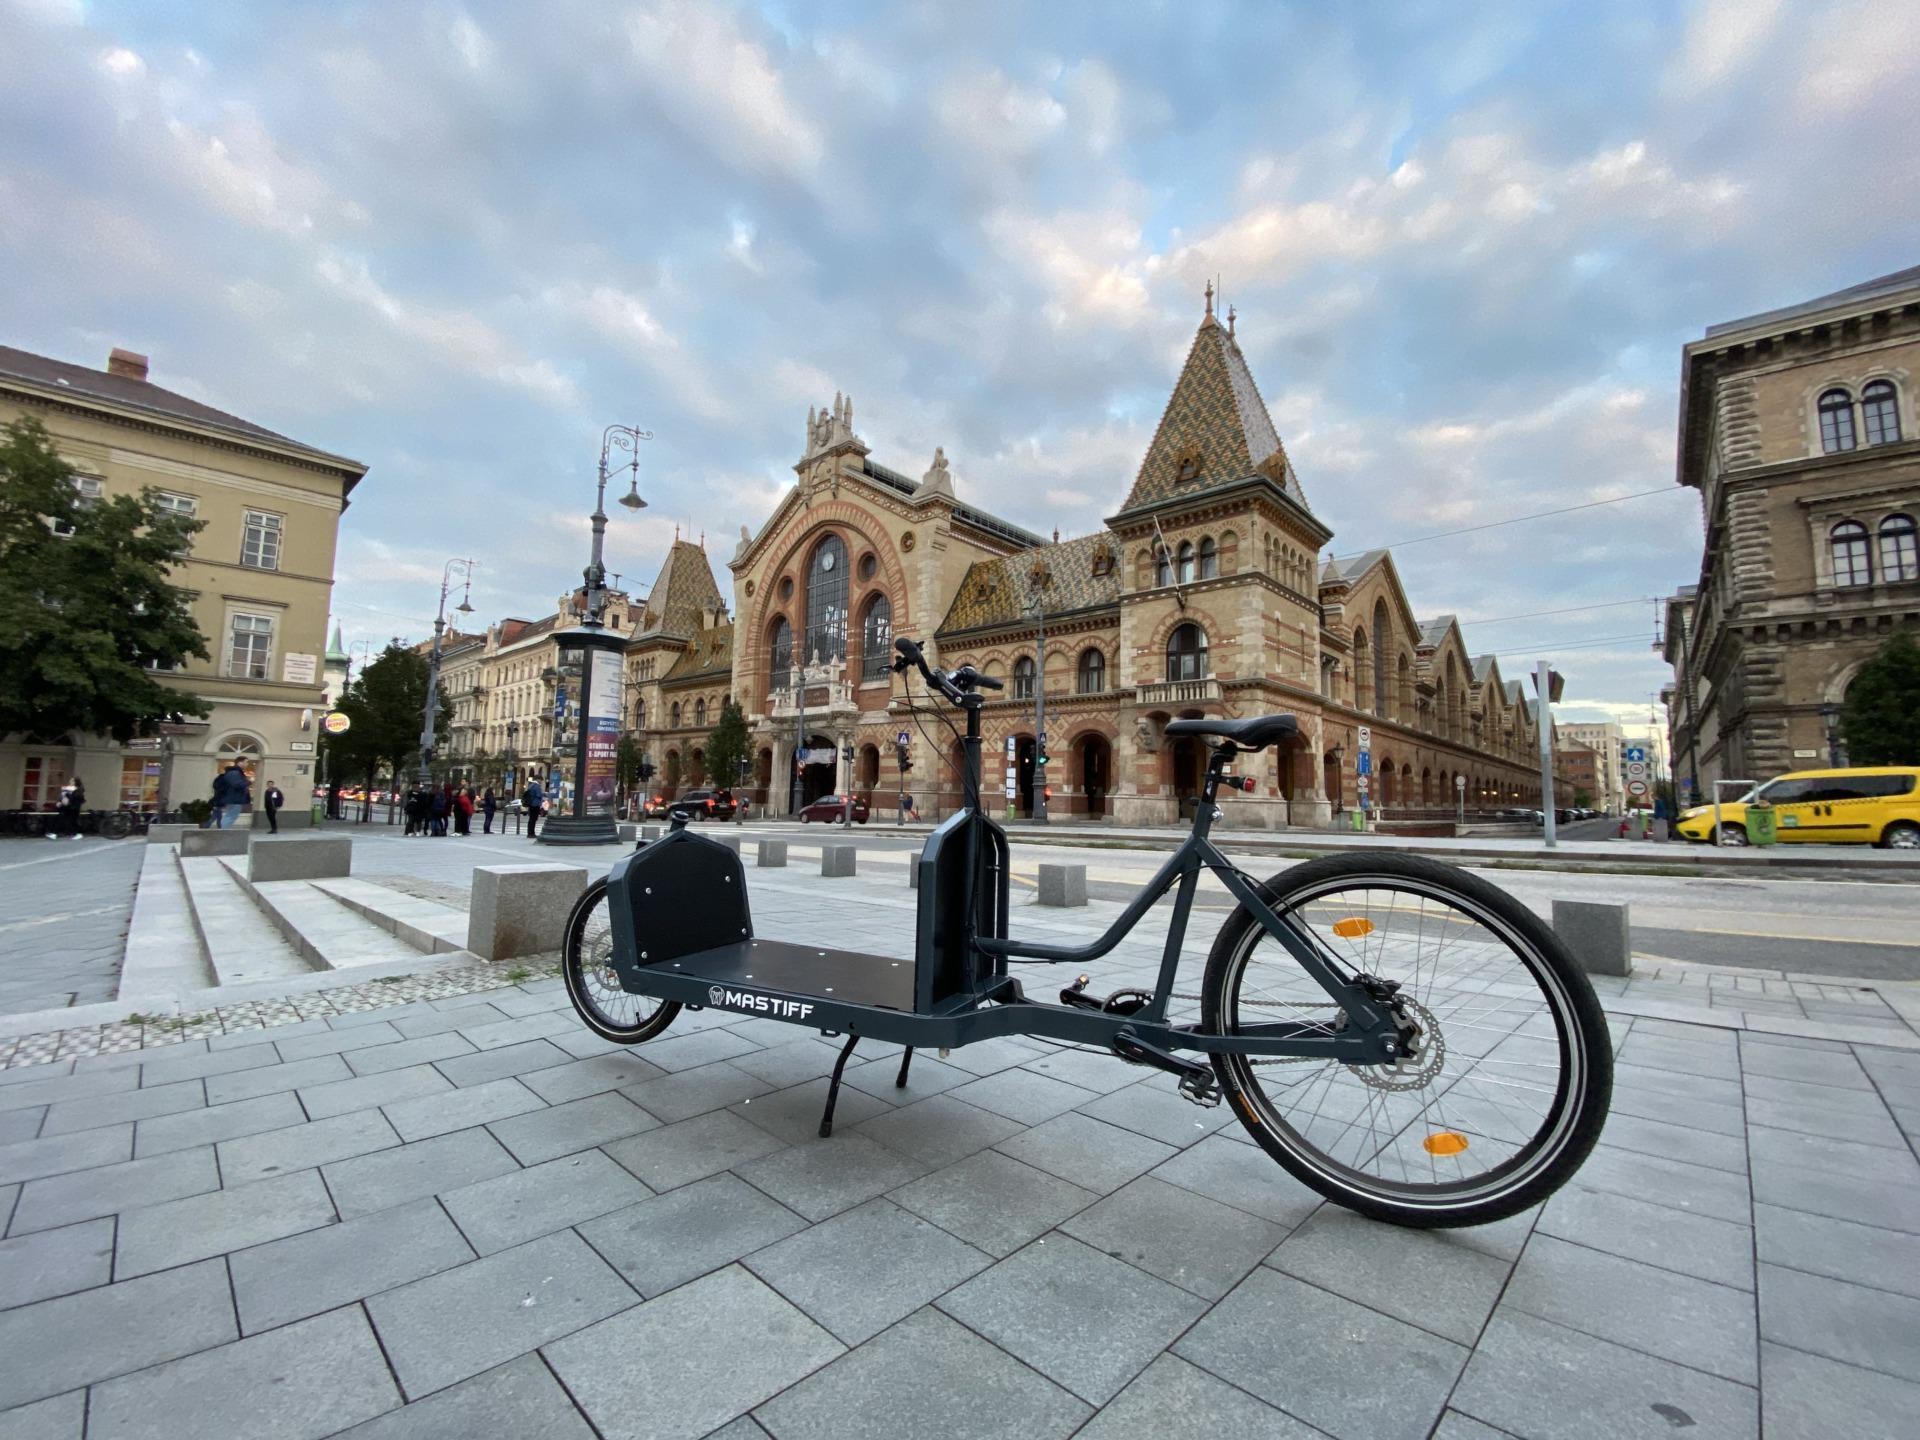 Magyar teherkerékpár a környezet- és egészségvédelemért – Egy társadalmi vállalkozás története